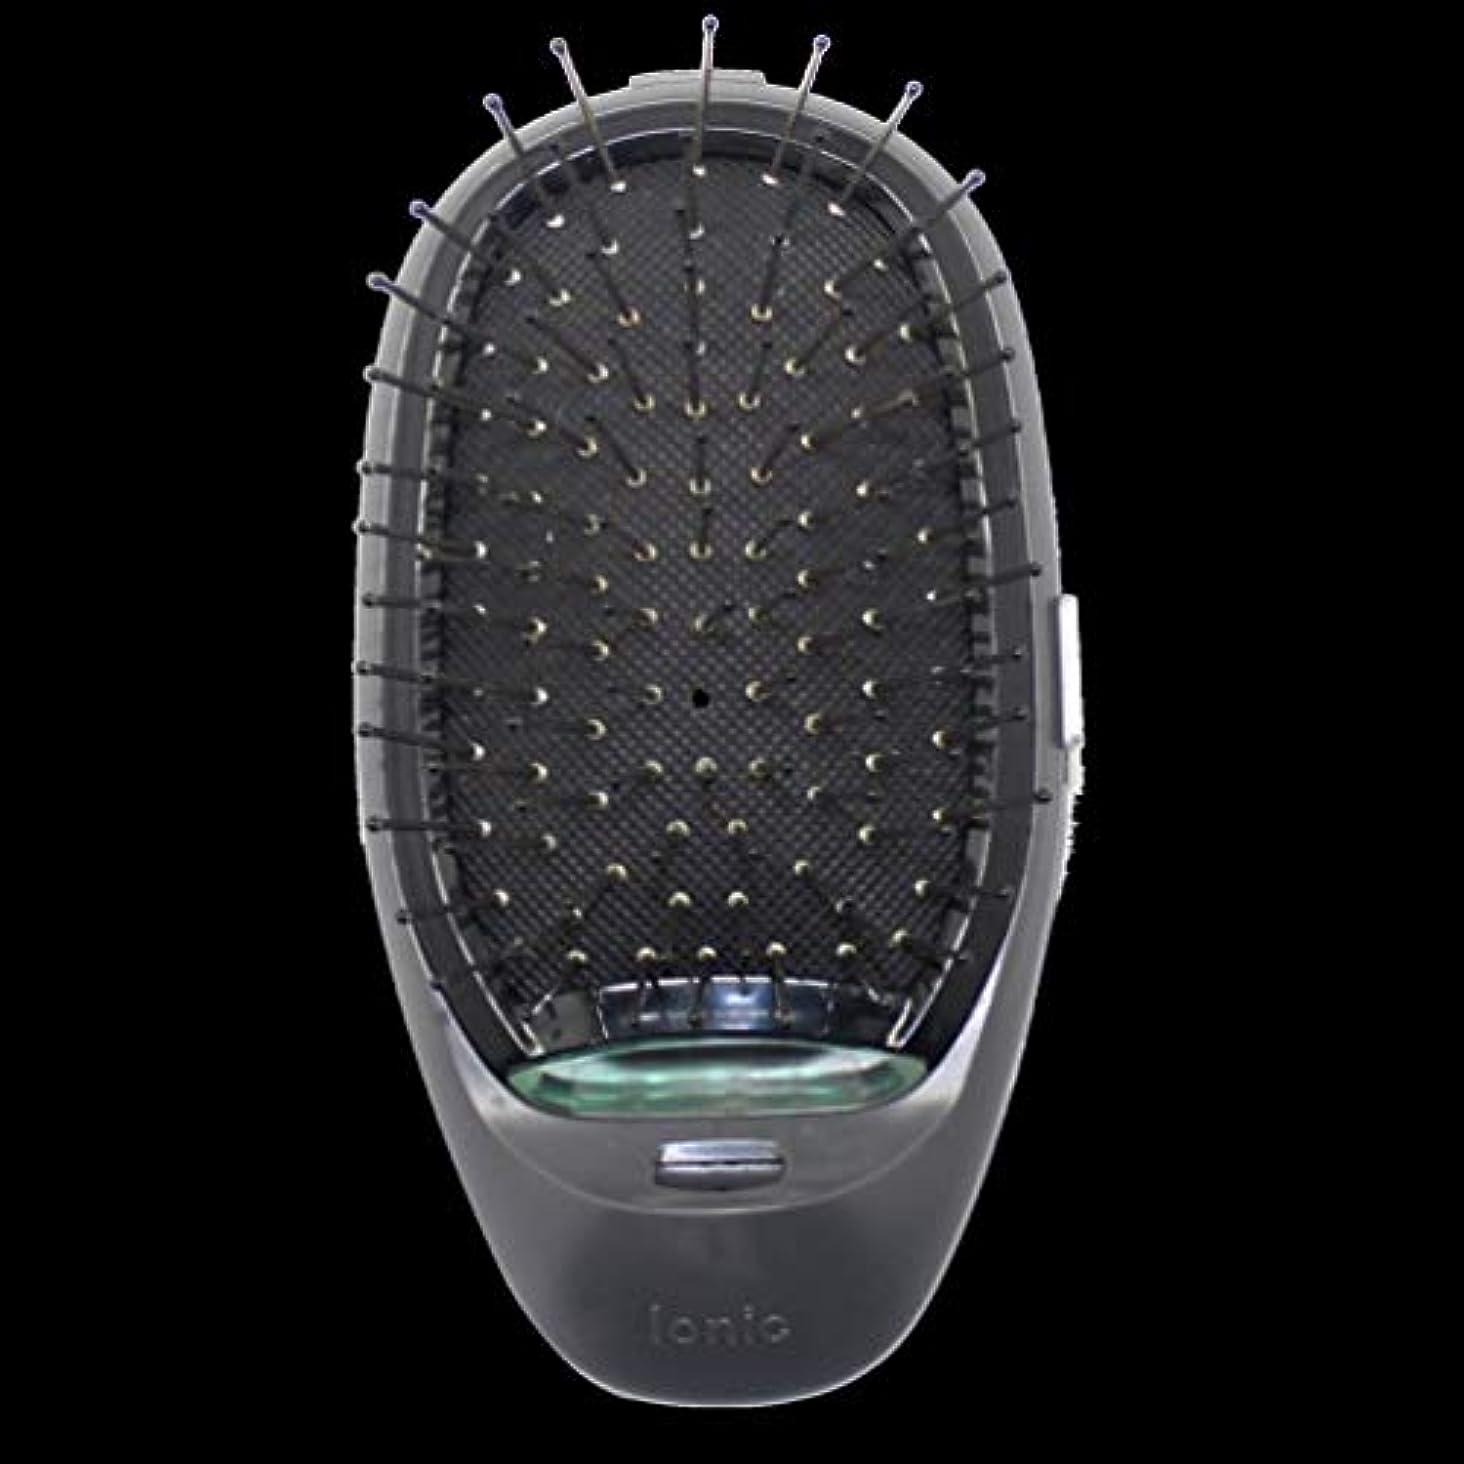 反響する有効な証拠電動マッサージヘアブラシミニマイナスイオンヘアコム3Dインフレータブルコーム帯電防止ガールズヘアブラシ電池式 - ブラック